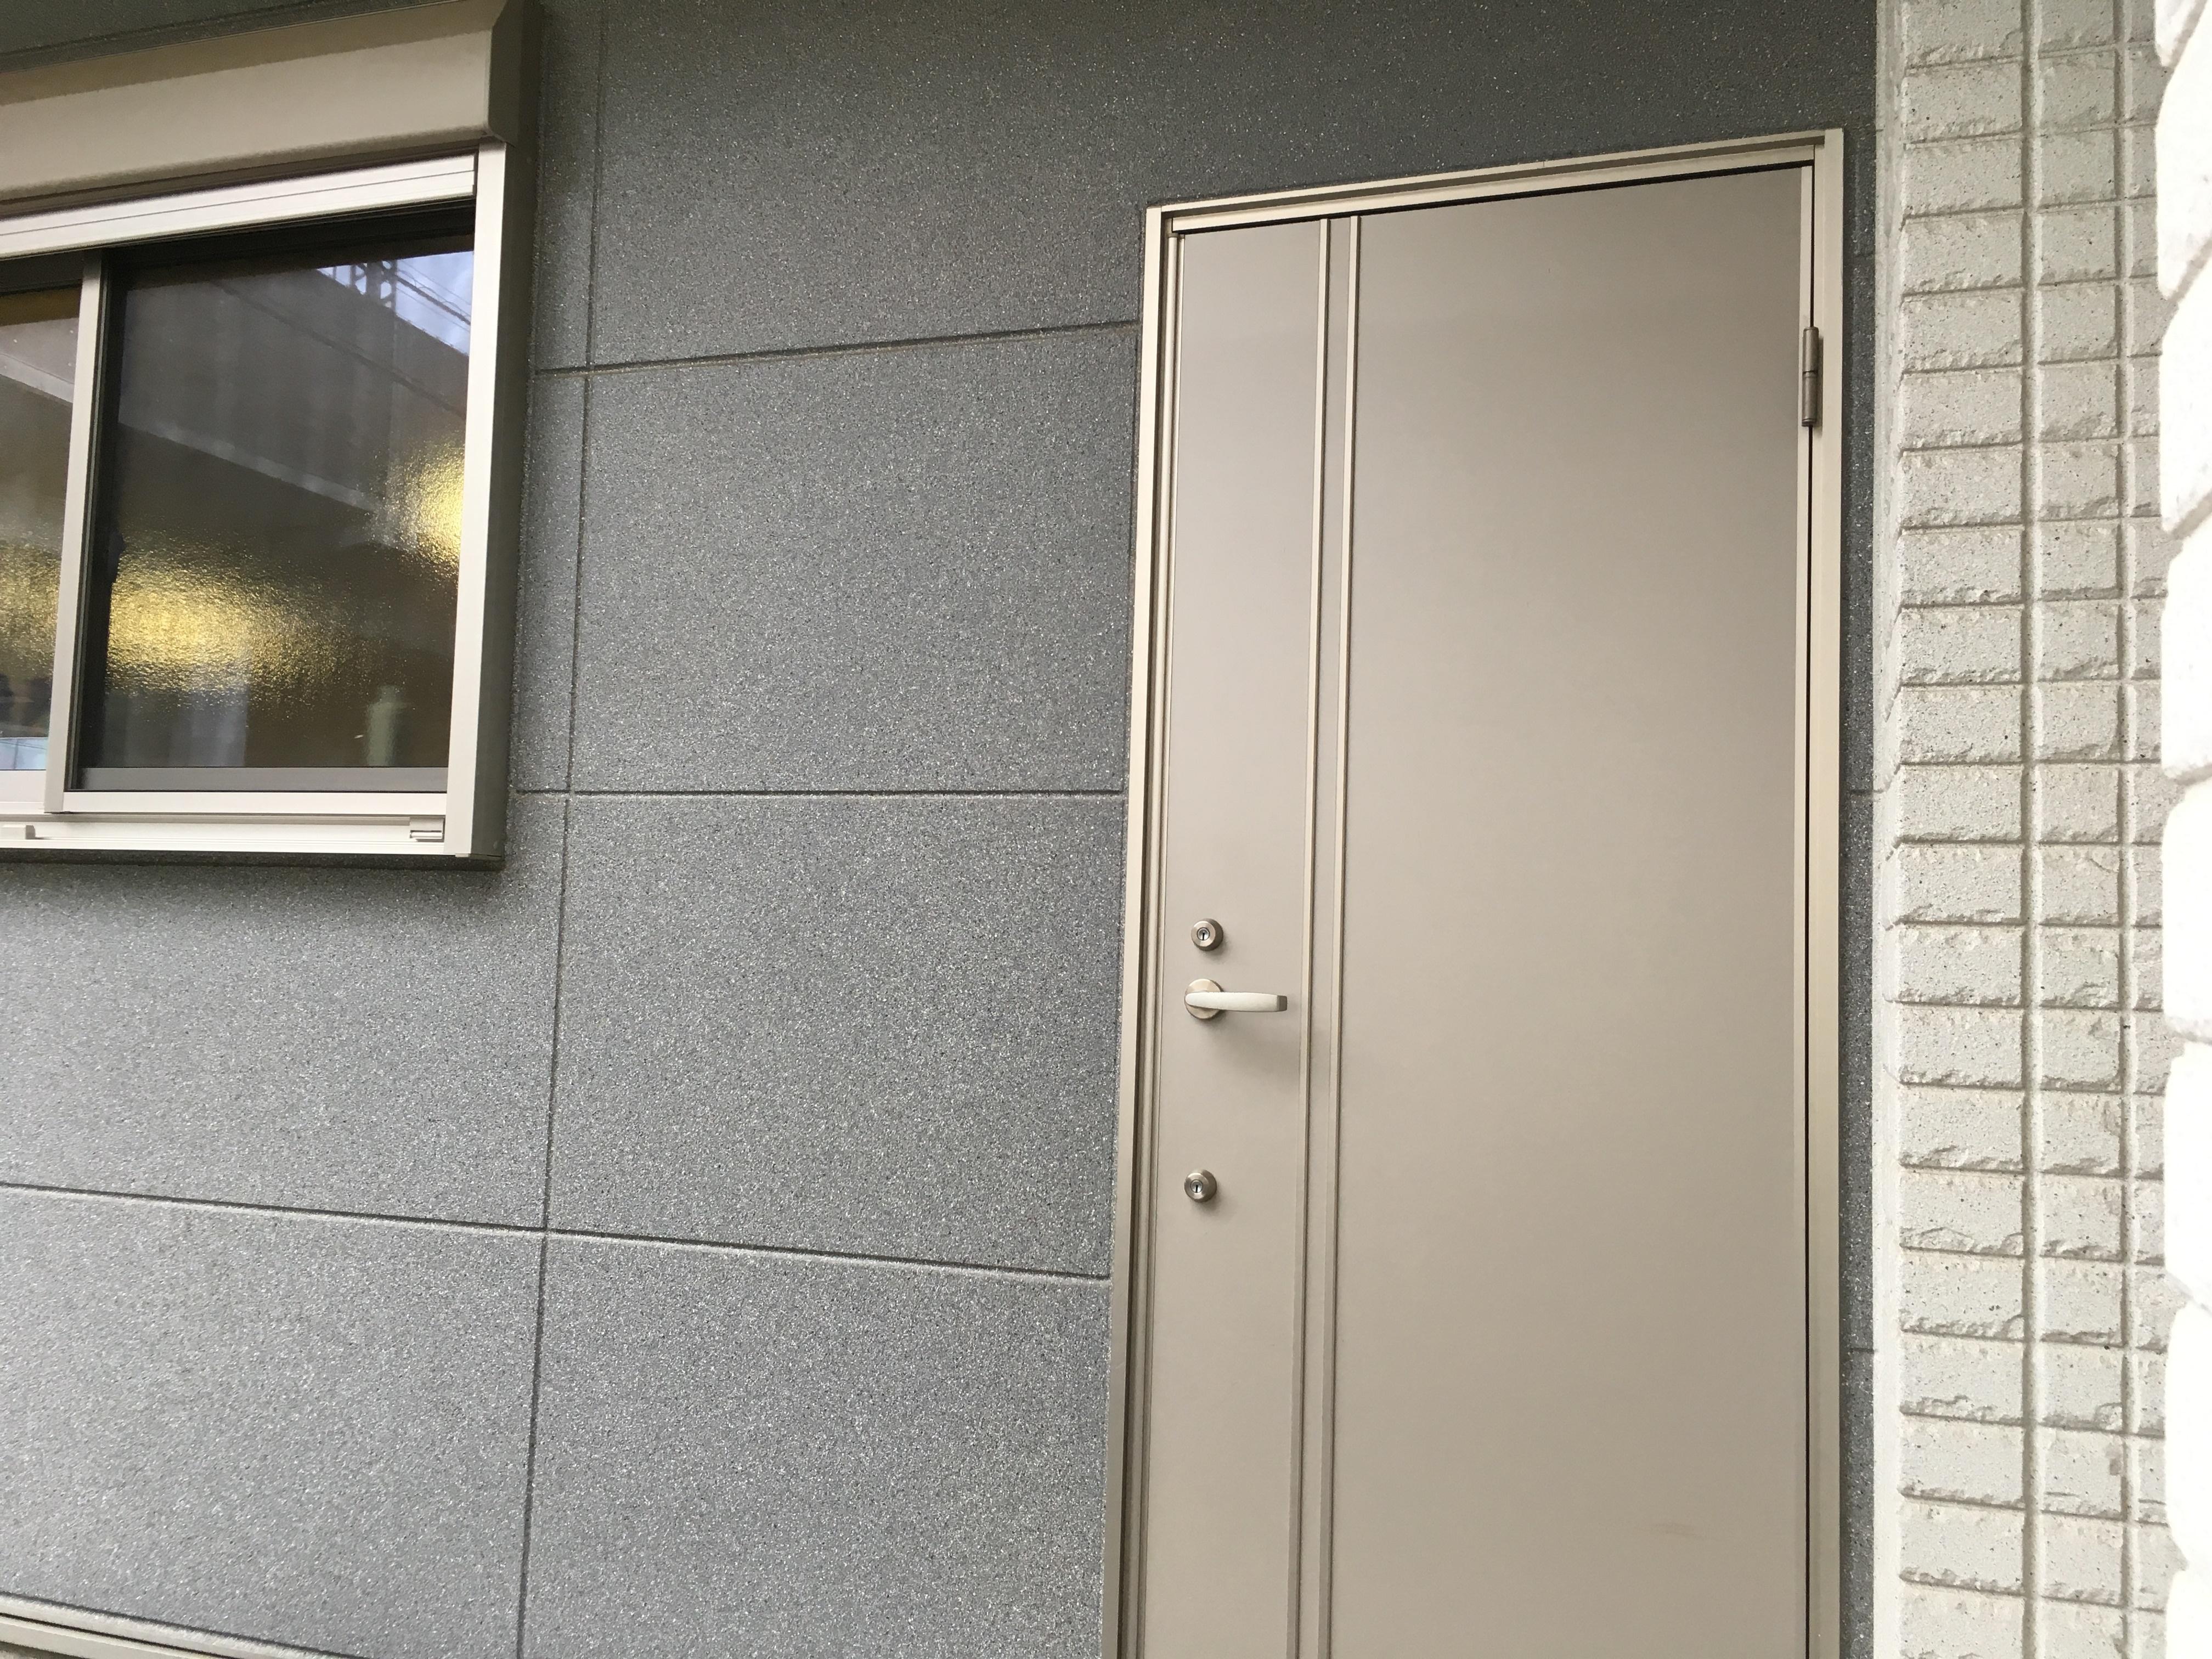 ハイドアウト レンタルサロンの入口の写真